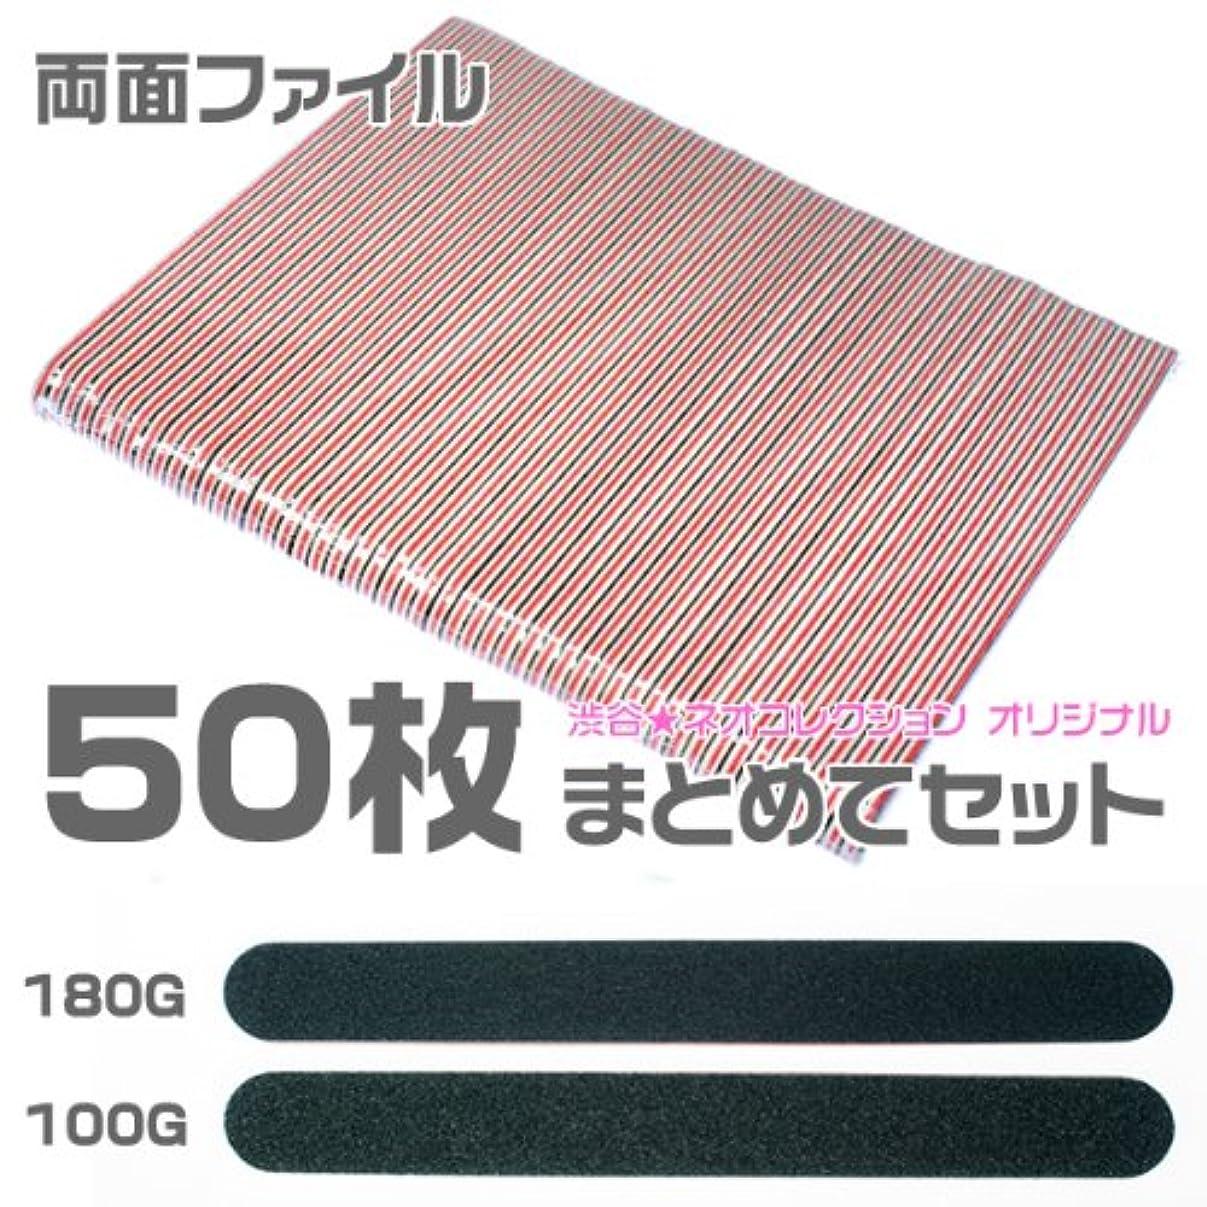 はさみコンソール魚高品質ネイルファイル50枚セット 100 180G 大量まとめ買い エメリーボード 100グリッド180グリッド